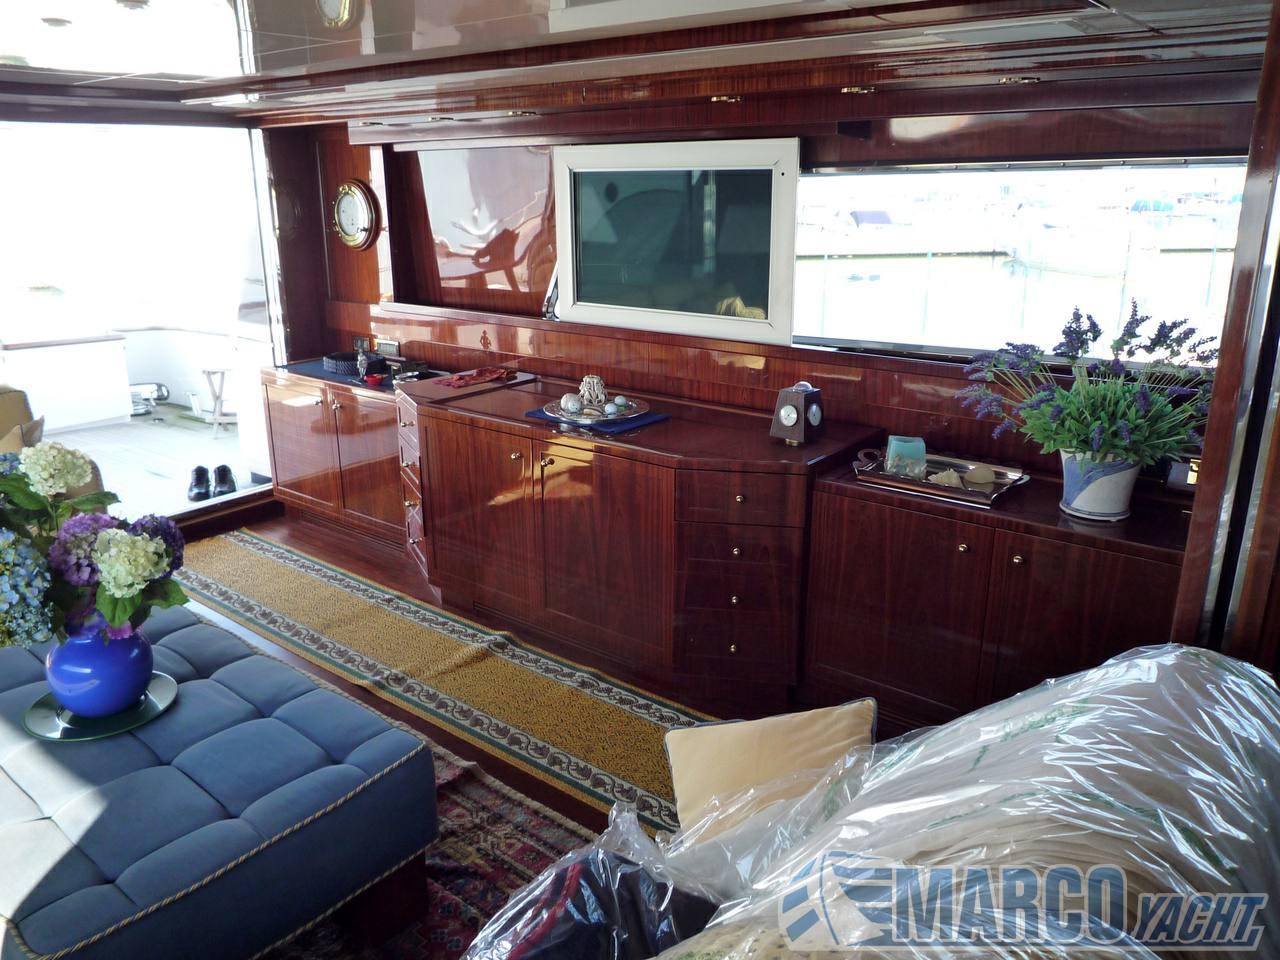 Sanlorenzo 82 Motor yacht used